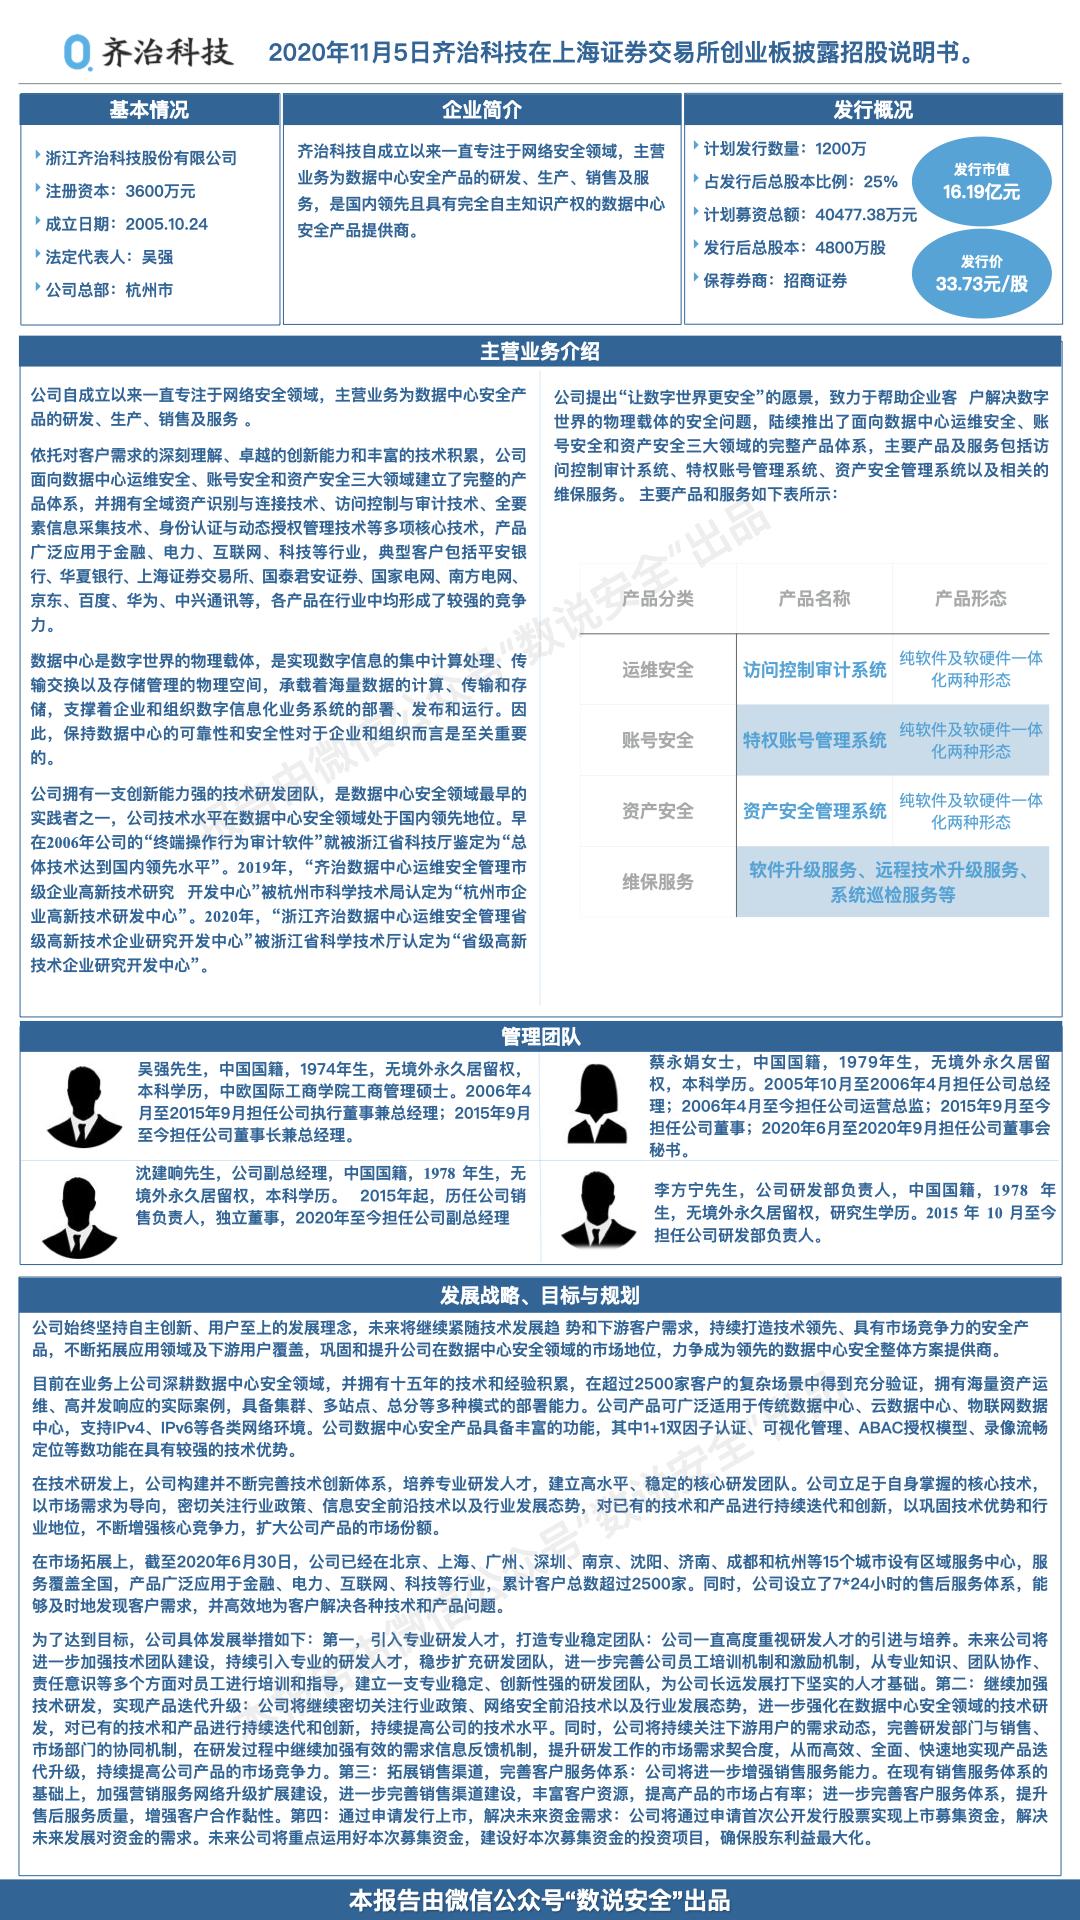 齐治科技申报科创板IPO,定位数据中心安全